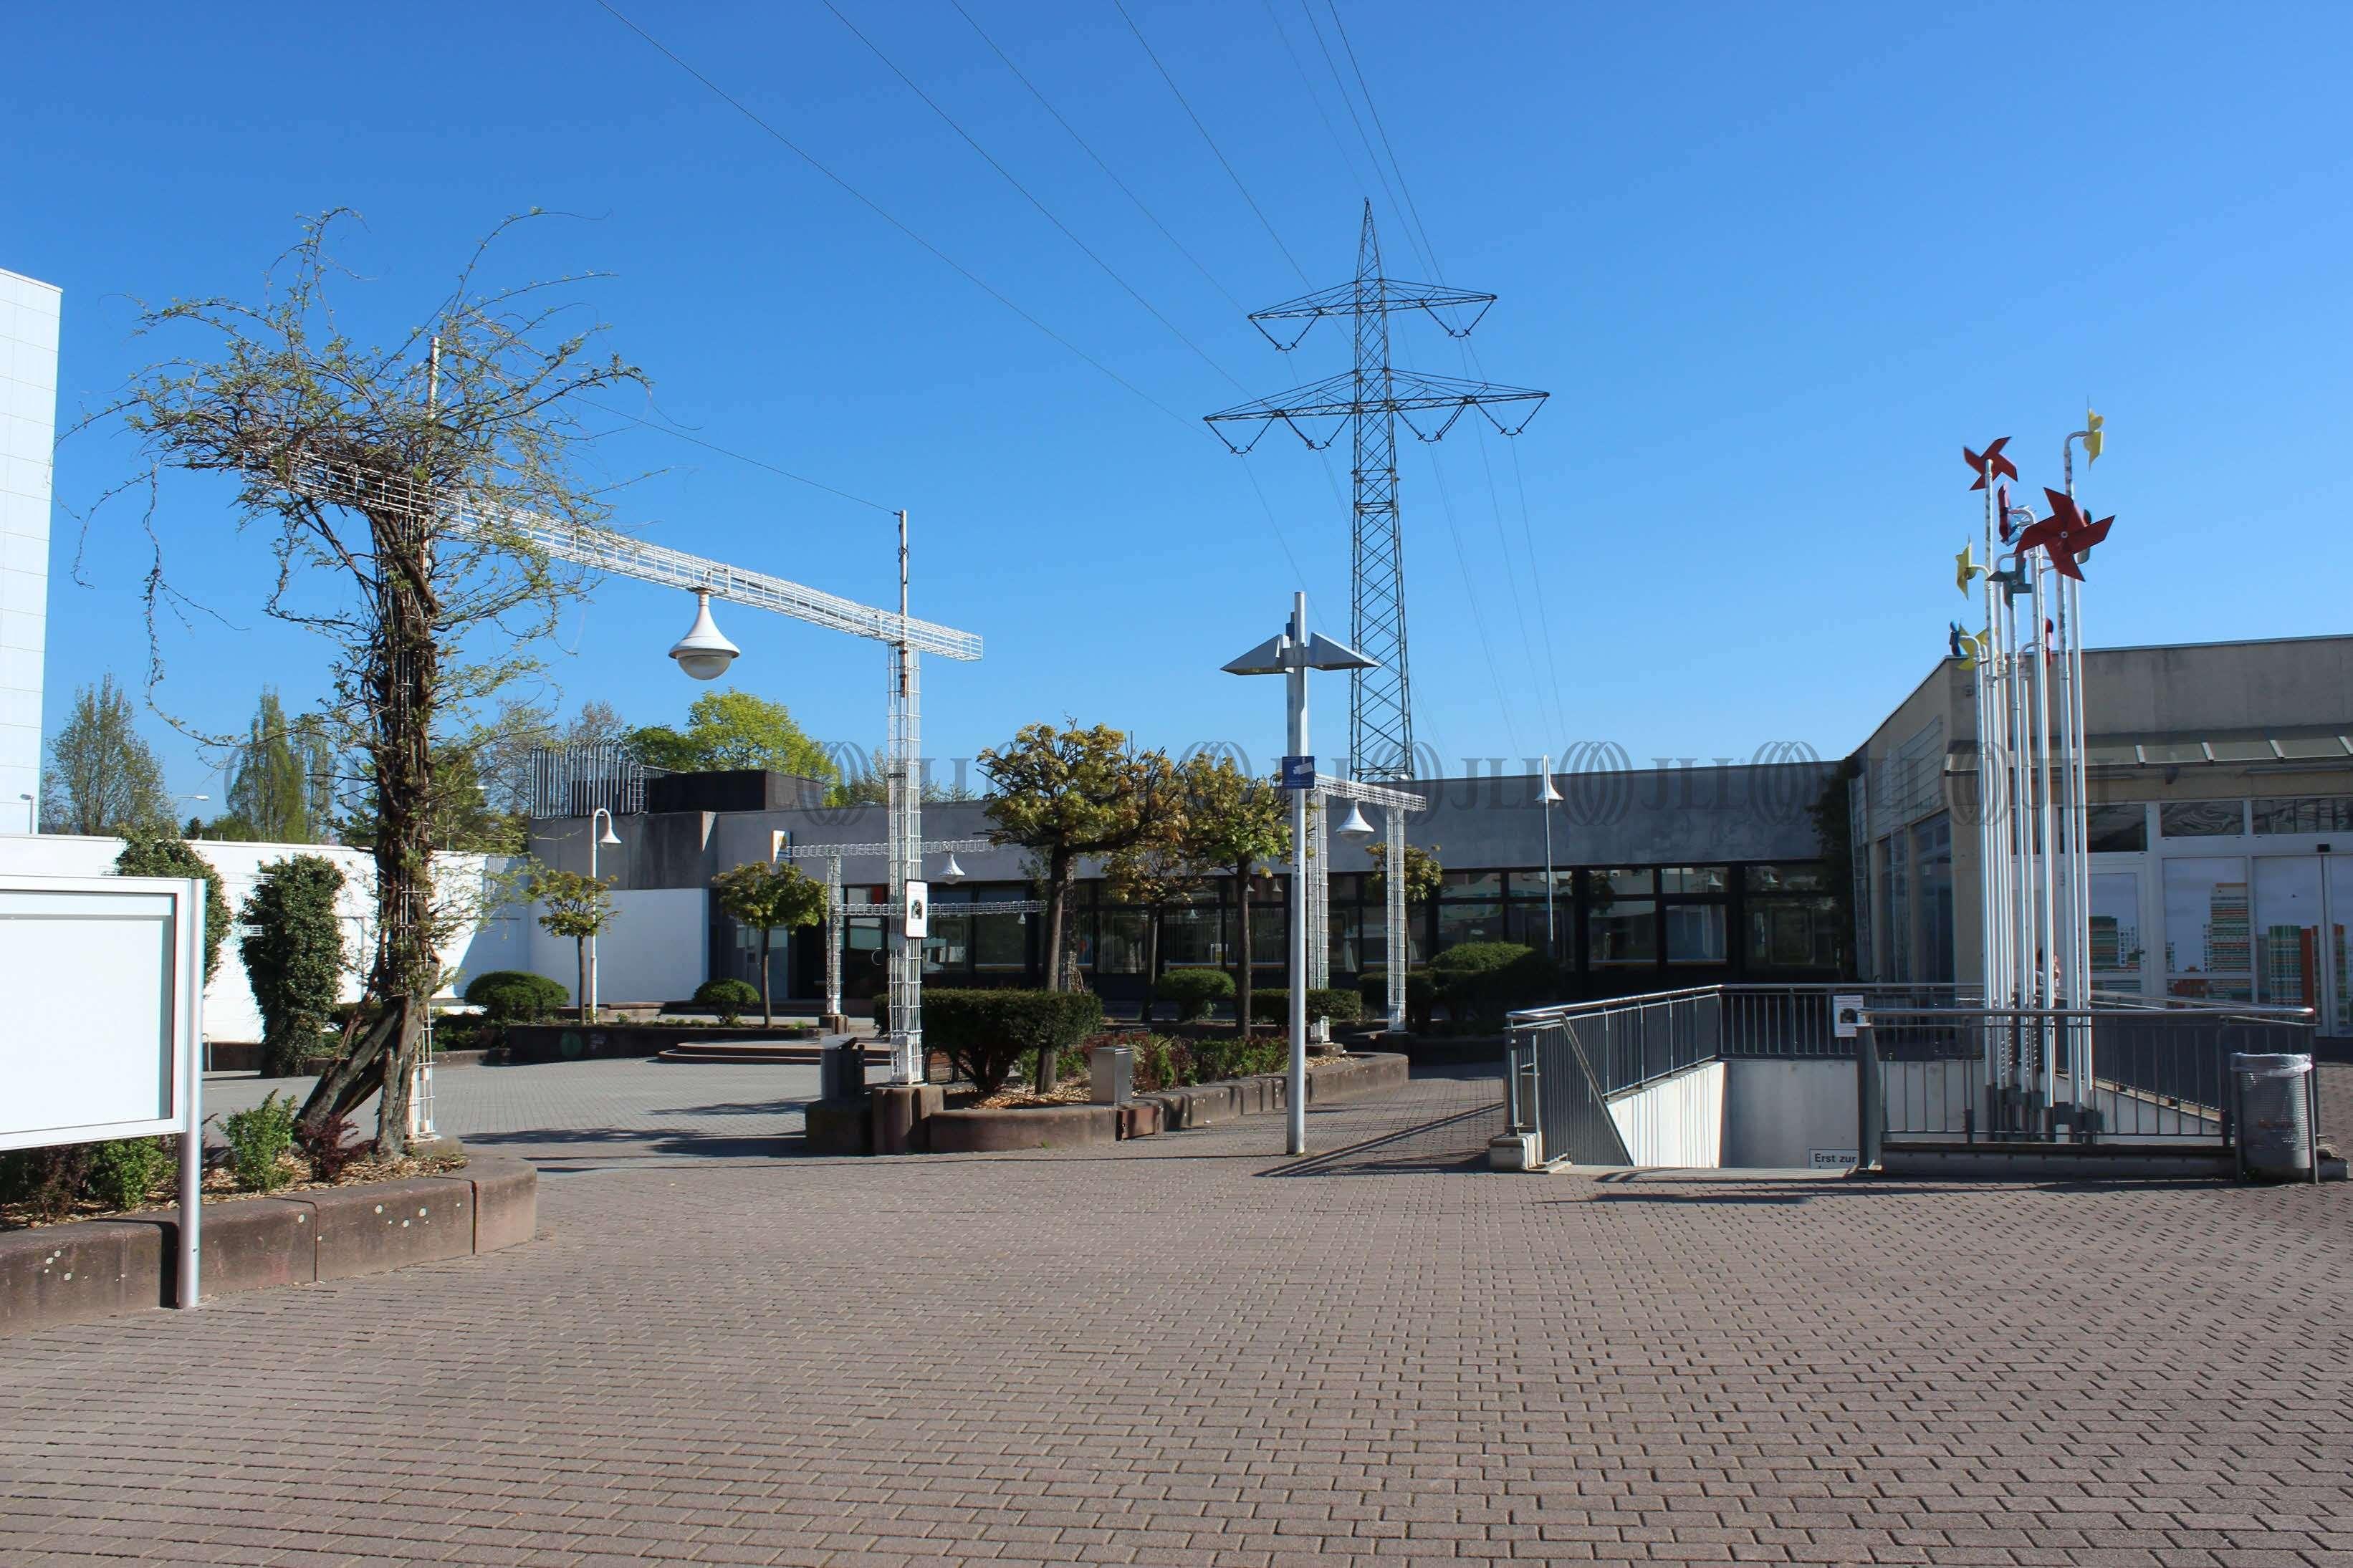 Ladenflächen Schwalbach am taunus, 65824 - Ladenfläche - Schwalbach am Taunus, Zentrum - E0792 - 9586105